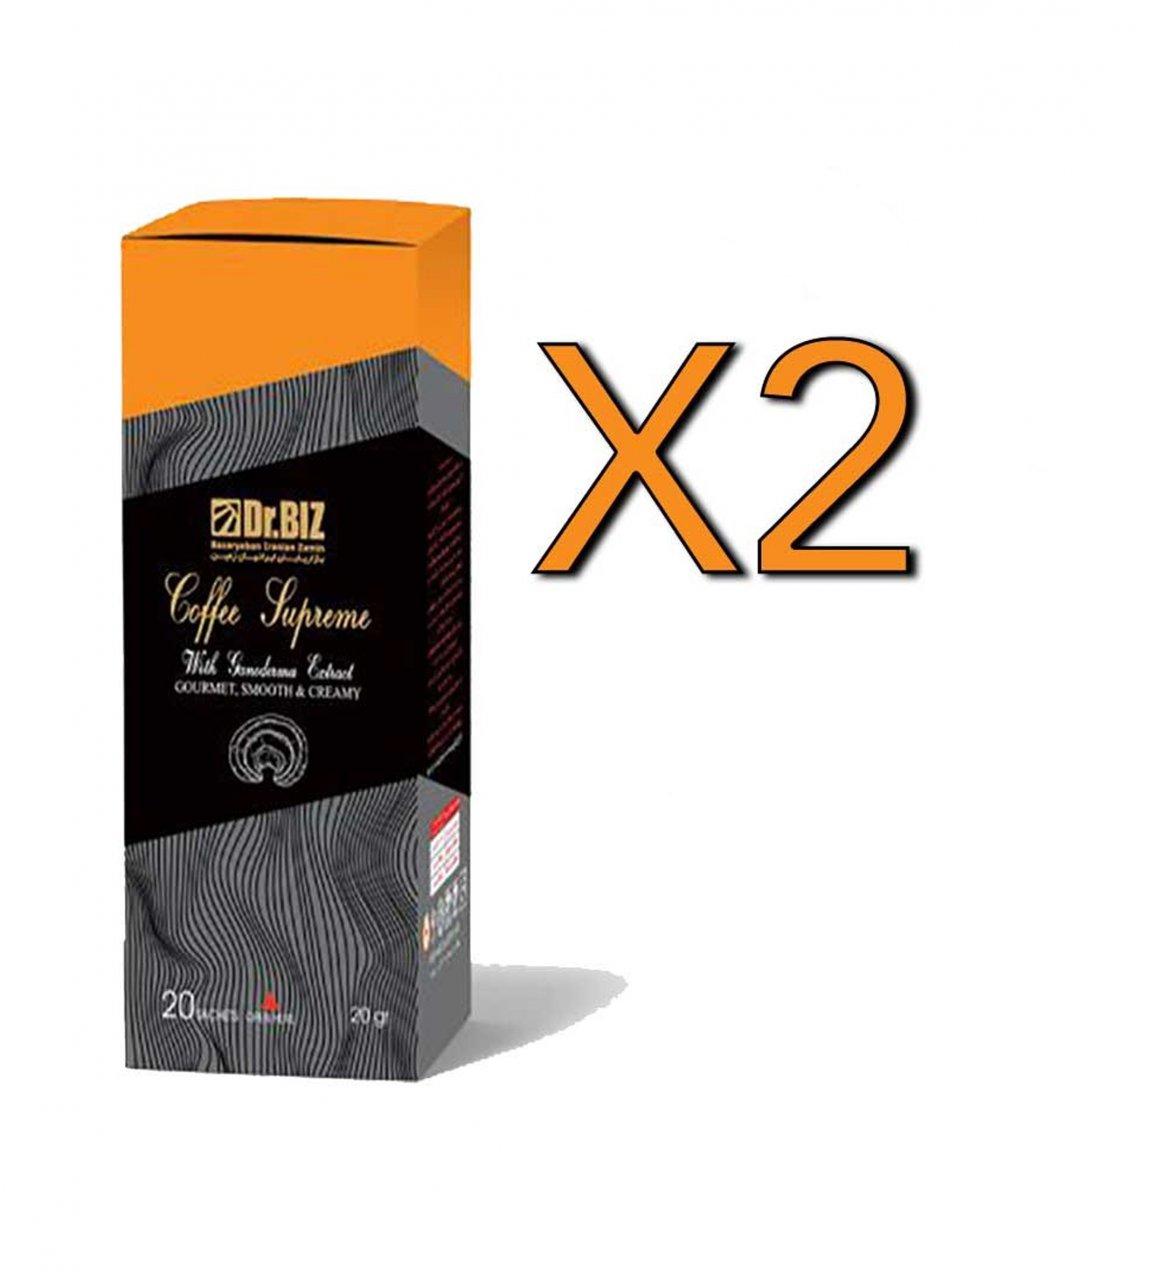 پک 2 عددی کافه سوپریم با قارچ گانودرما دکتر بیز ارسال رایگان